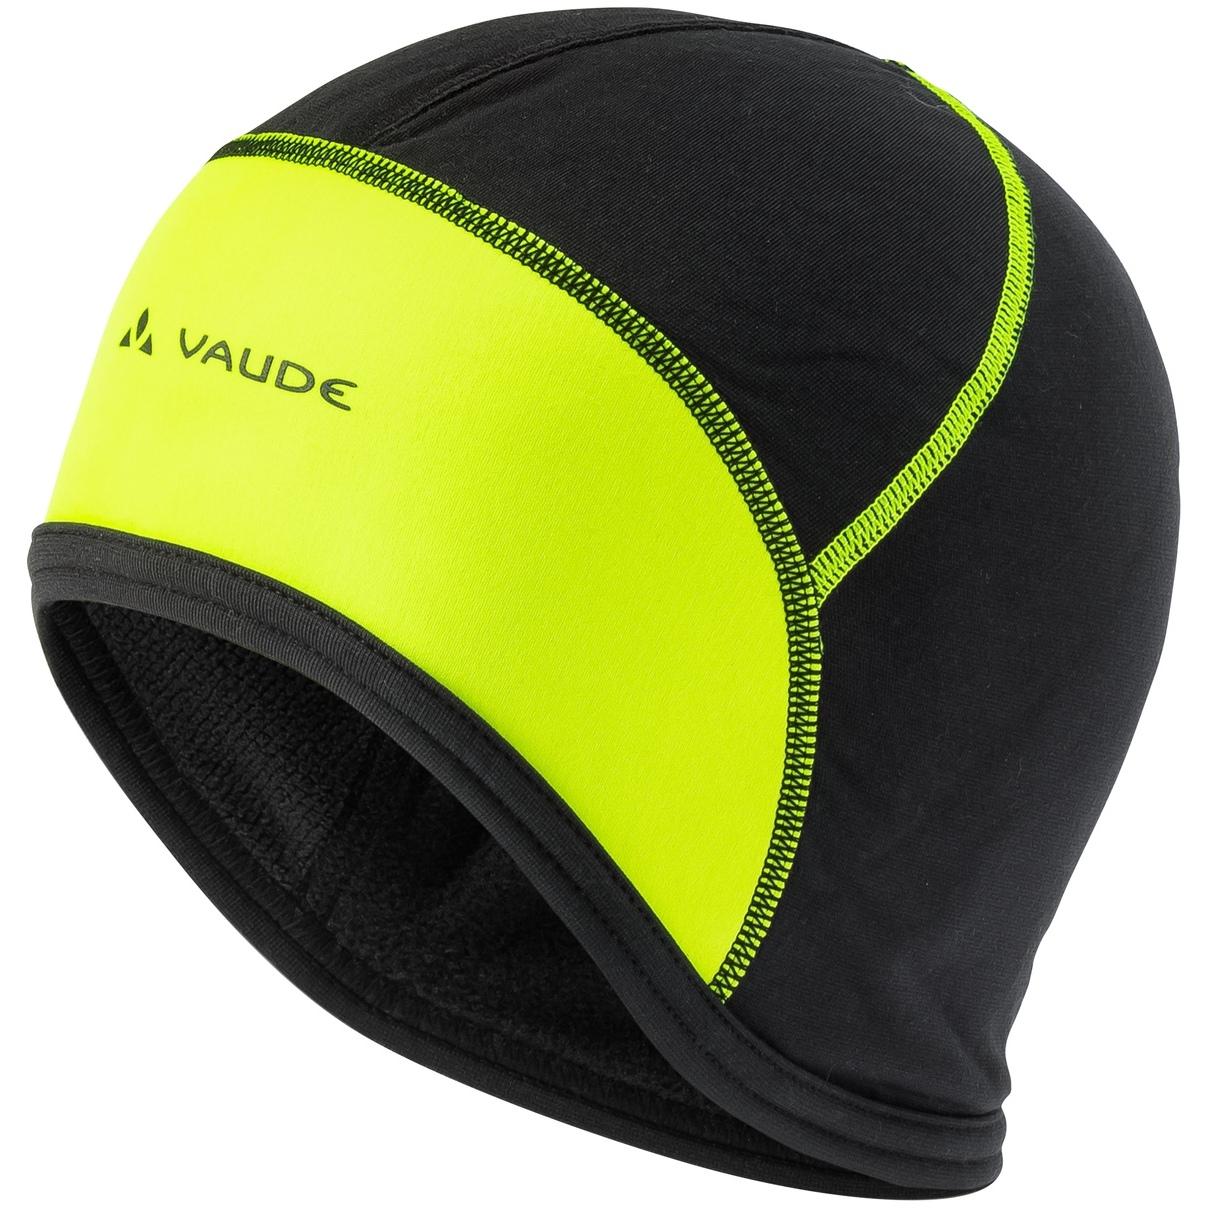 Vaude Bike Cap Unterhelm - neon yellow